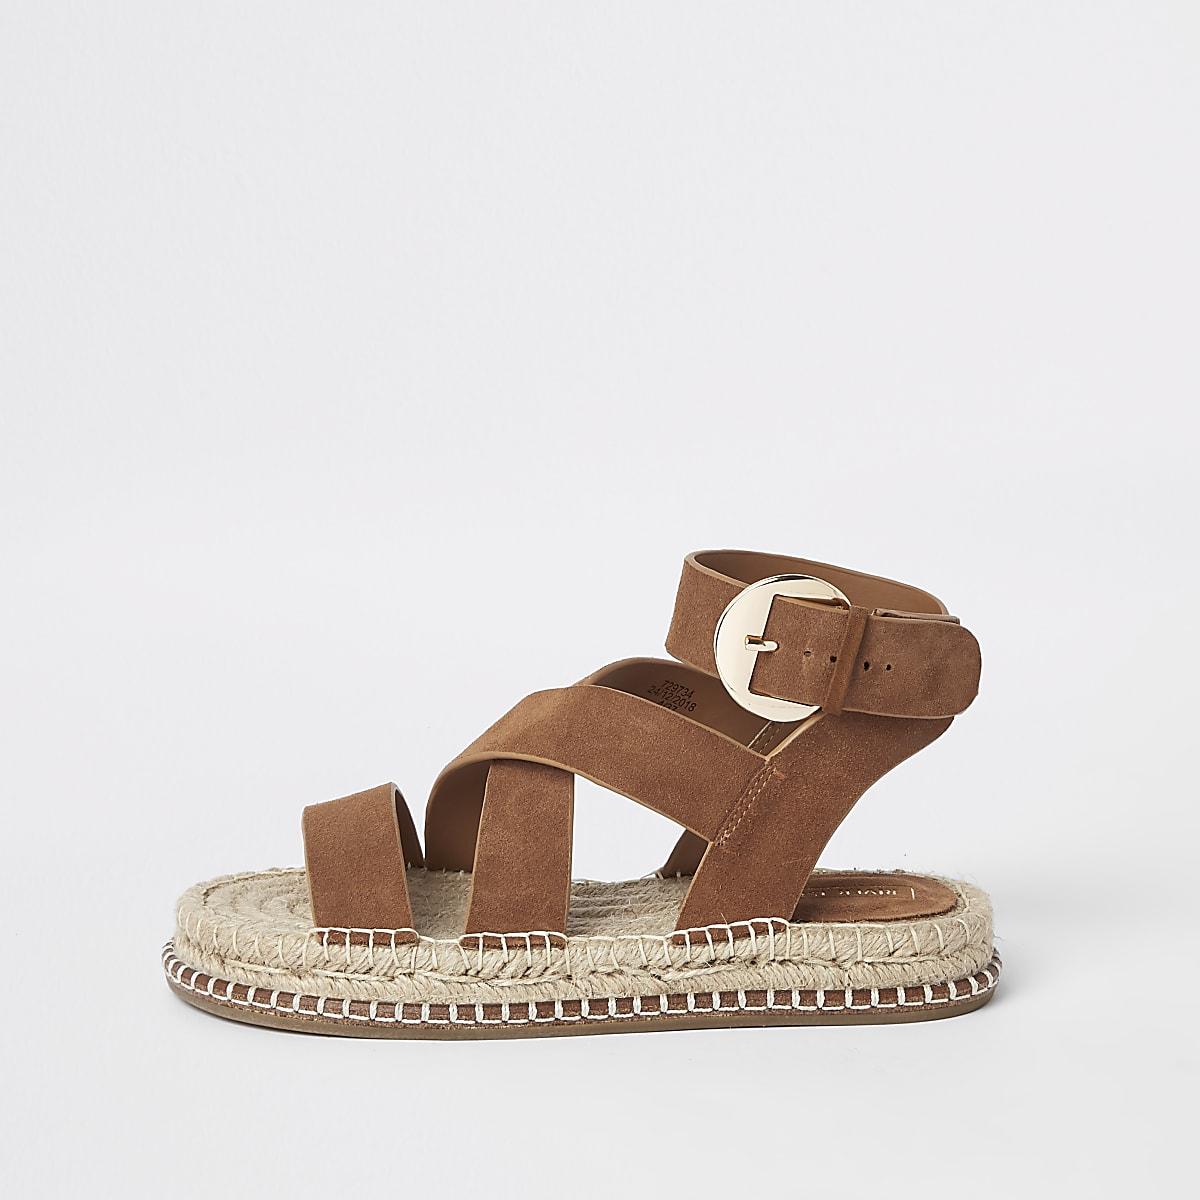 Sandales en daim marron à semelle espadrille